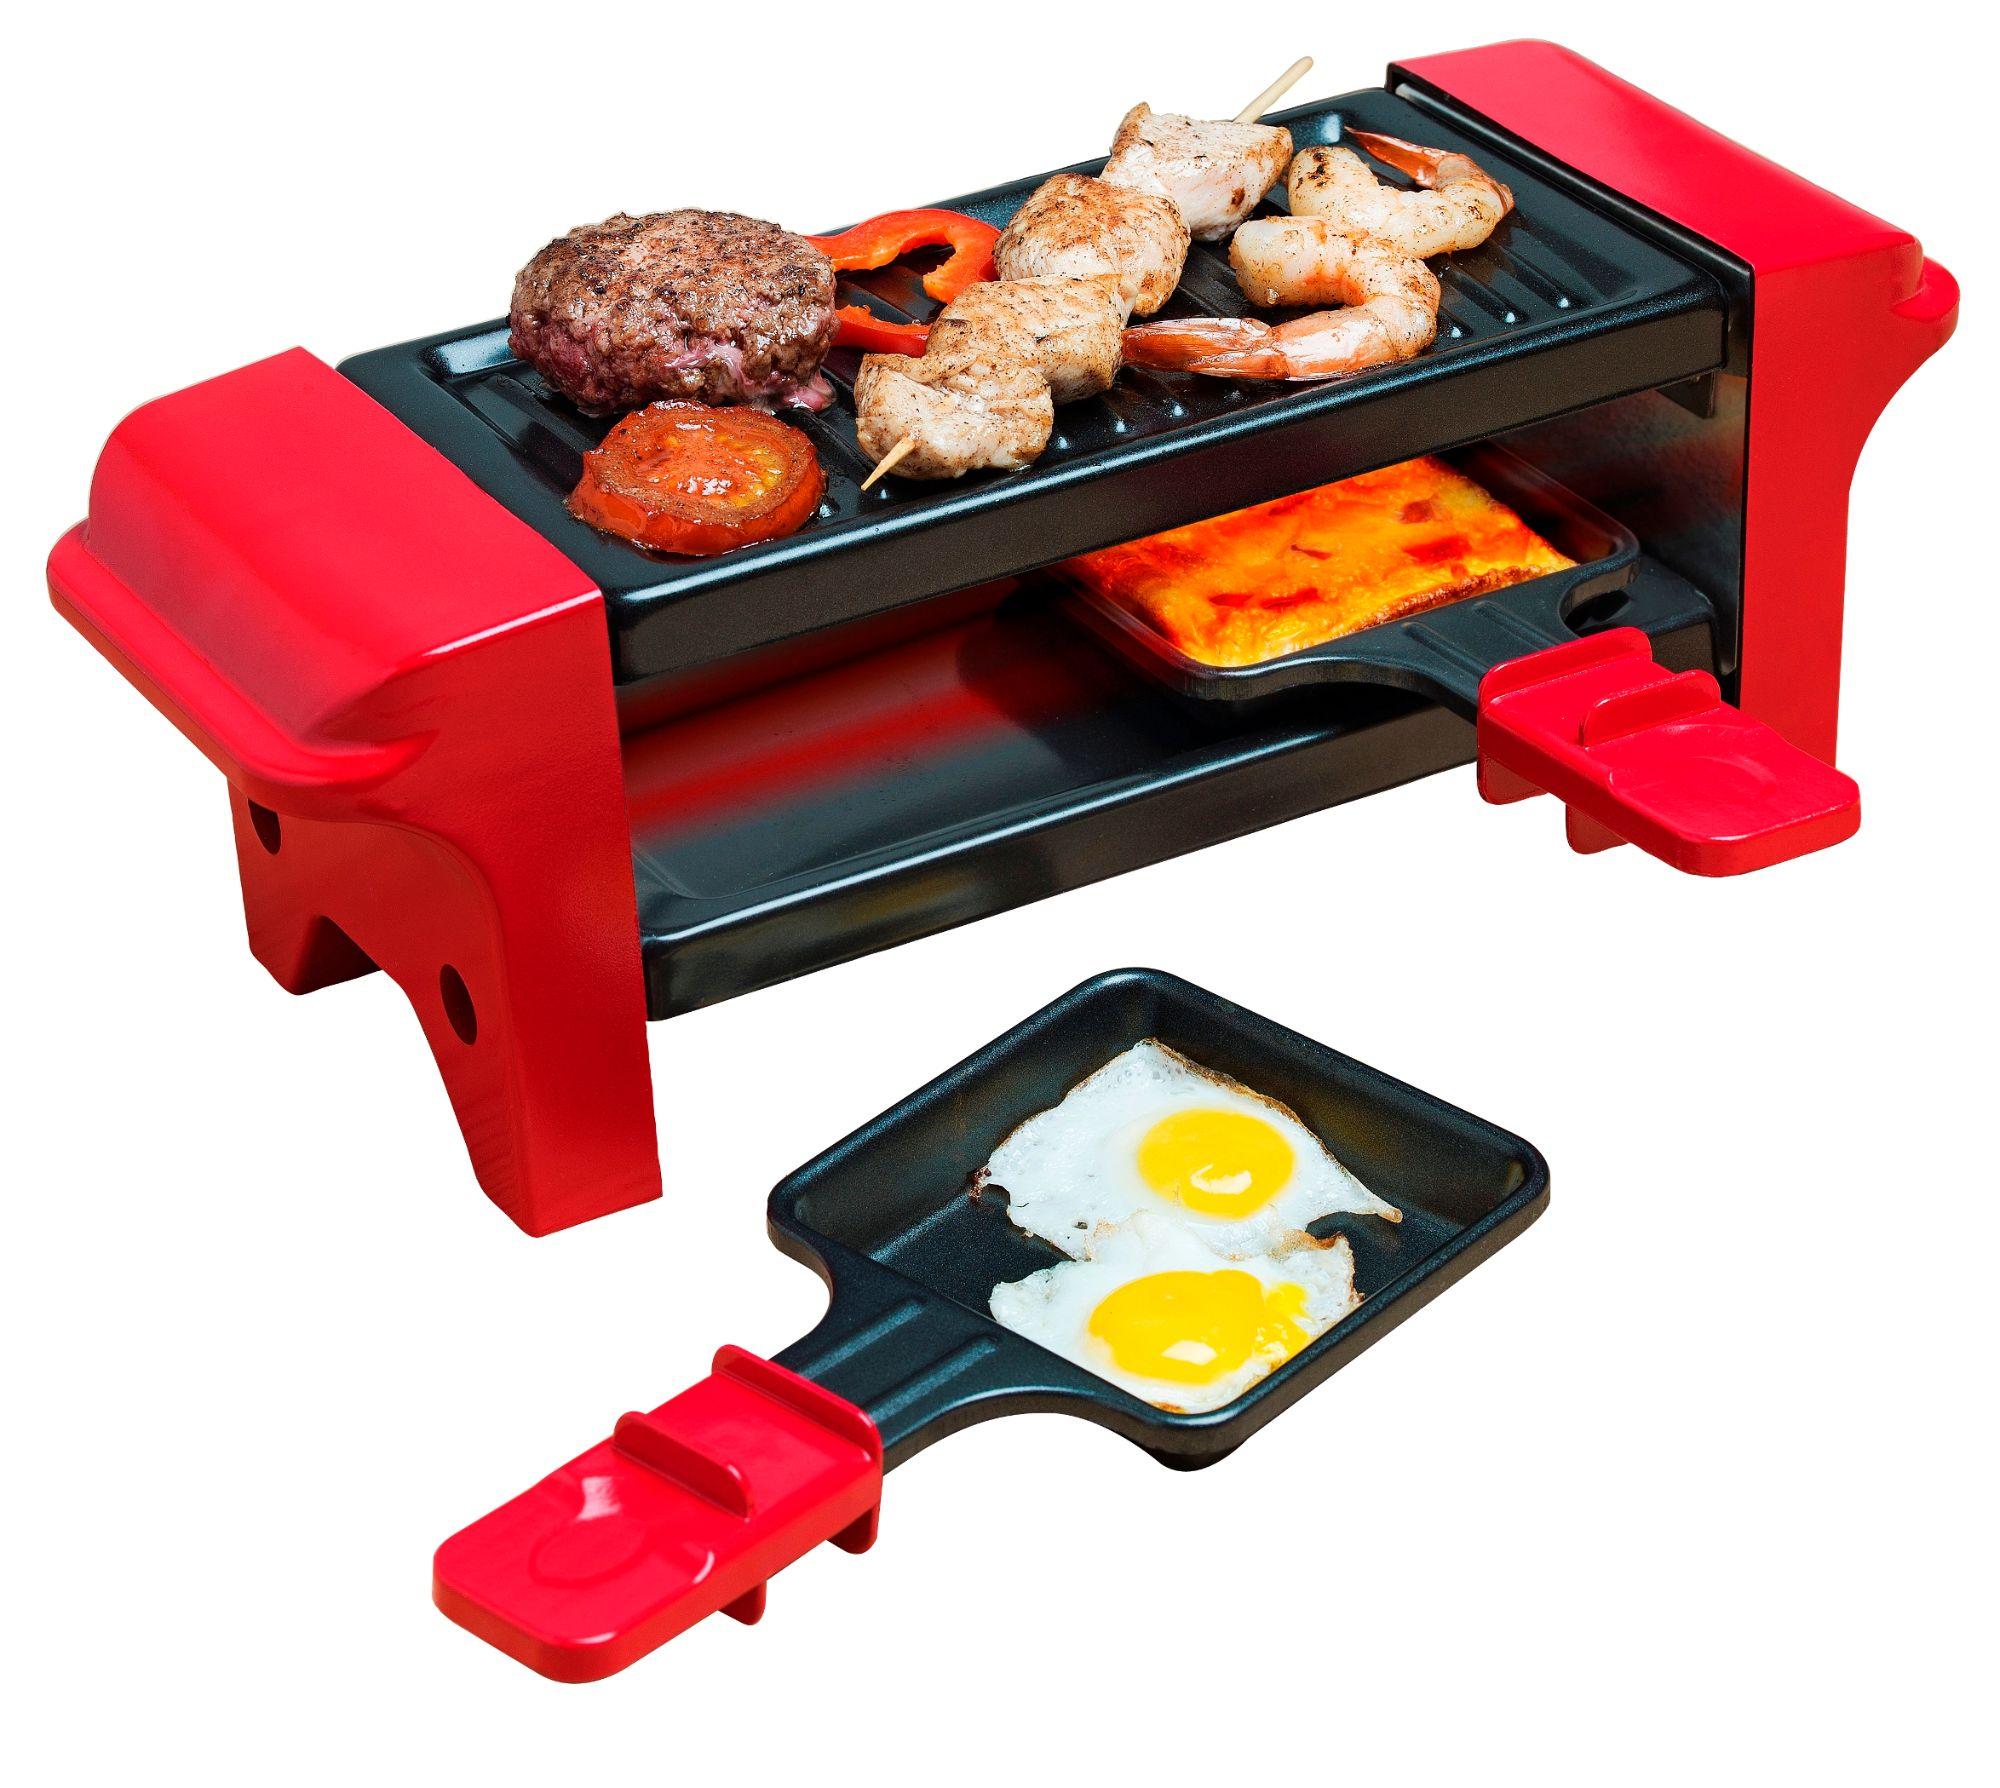 appareil a raclette 2 personnes appareil raclette 2 personne sur enperdresonlapin. Black Bedroom Furniture Sets. Home Design Ideas